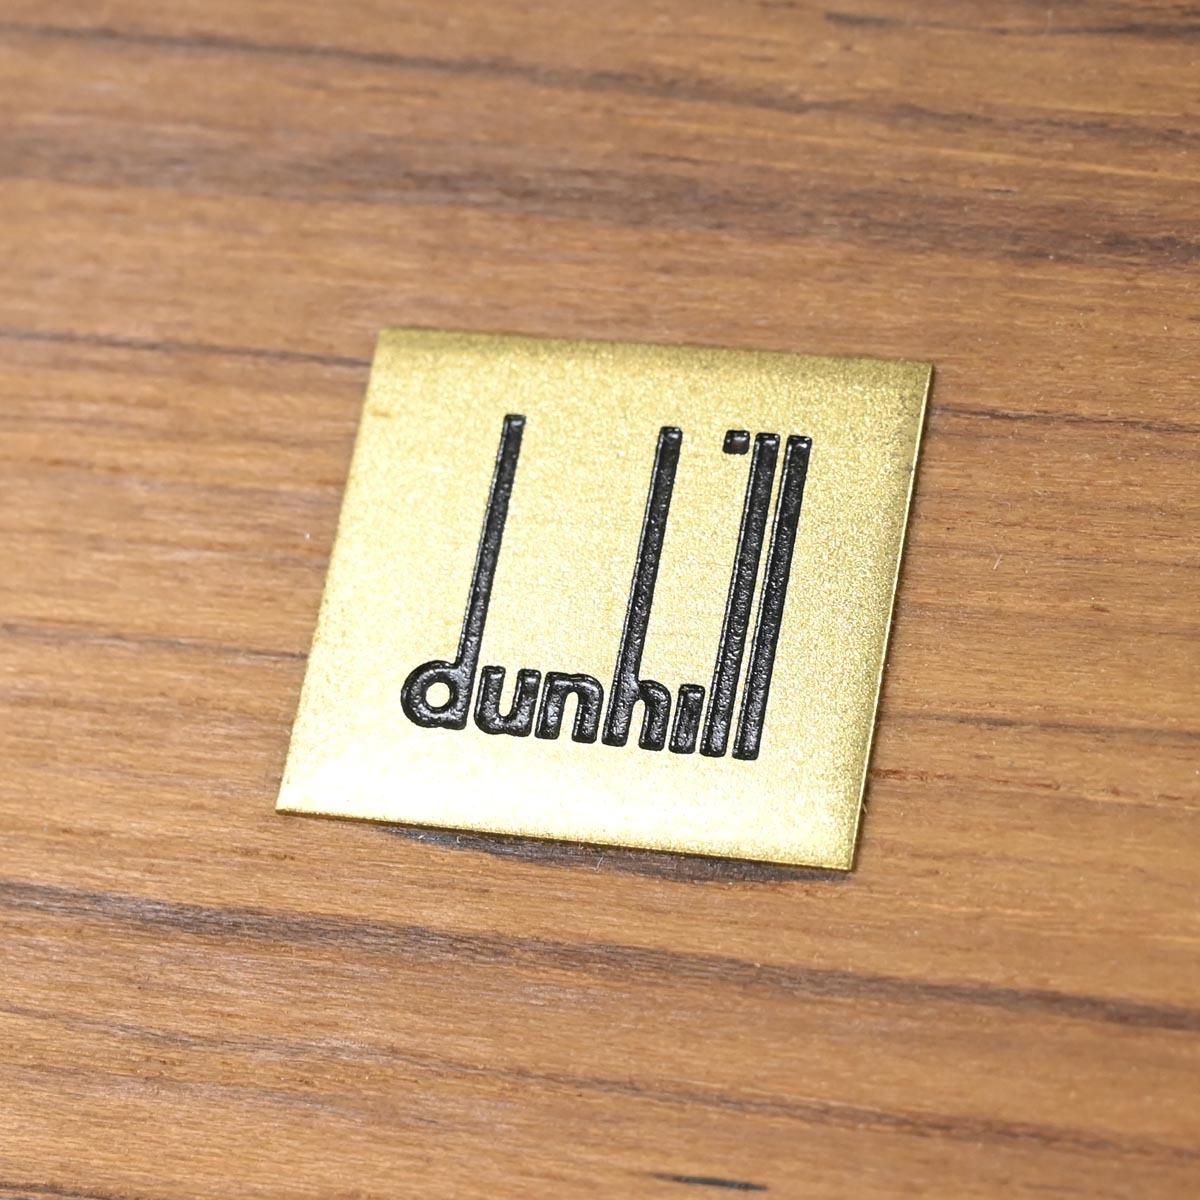 本物 新品 ダンヒル 極希少 木製 ナチュラルウッド ロゴプレート付き ヒュミドール シガレット シガーケース 喫煙具 DUNHILL_画像3